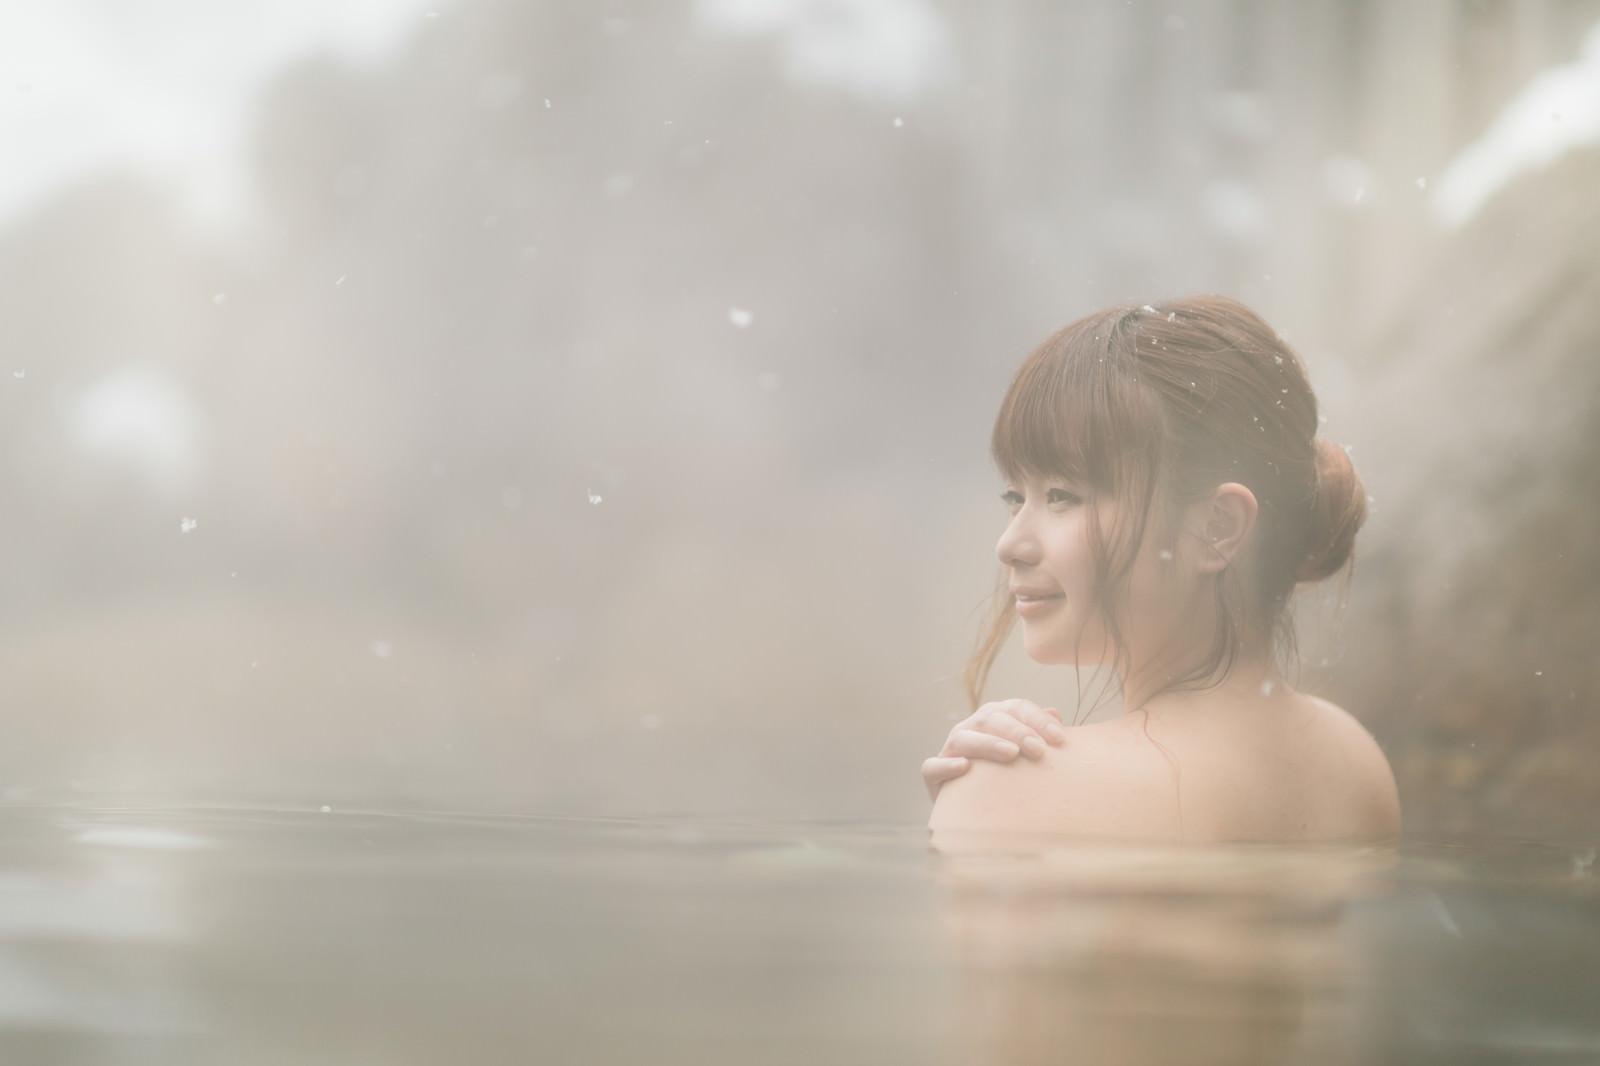 「雪見露天風呂と入浴中の美女雪見露天風呂と入浴中の美女」[モデル:茜さや]のフリー写真素材を拡大